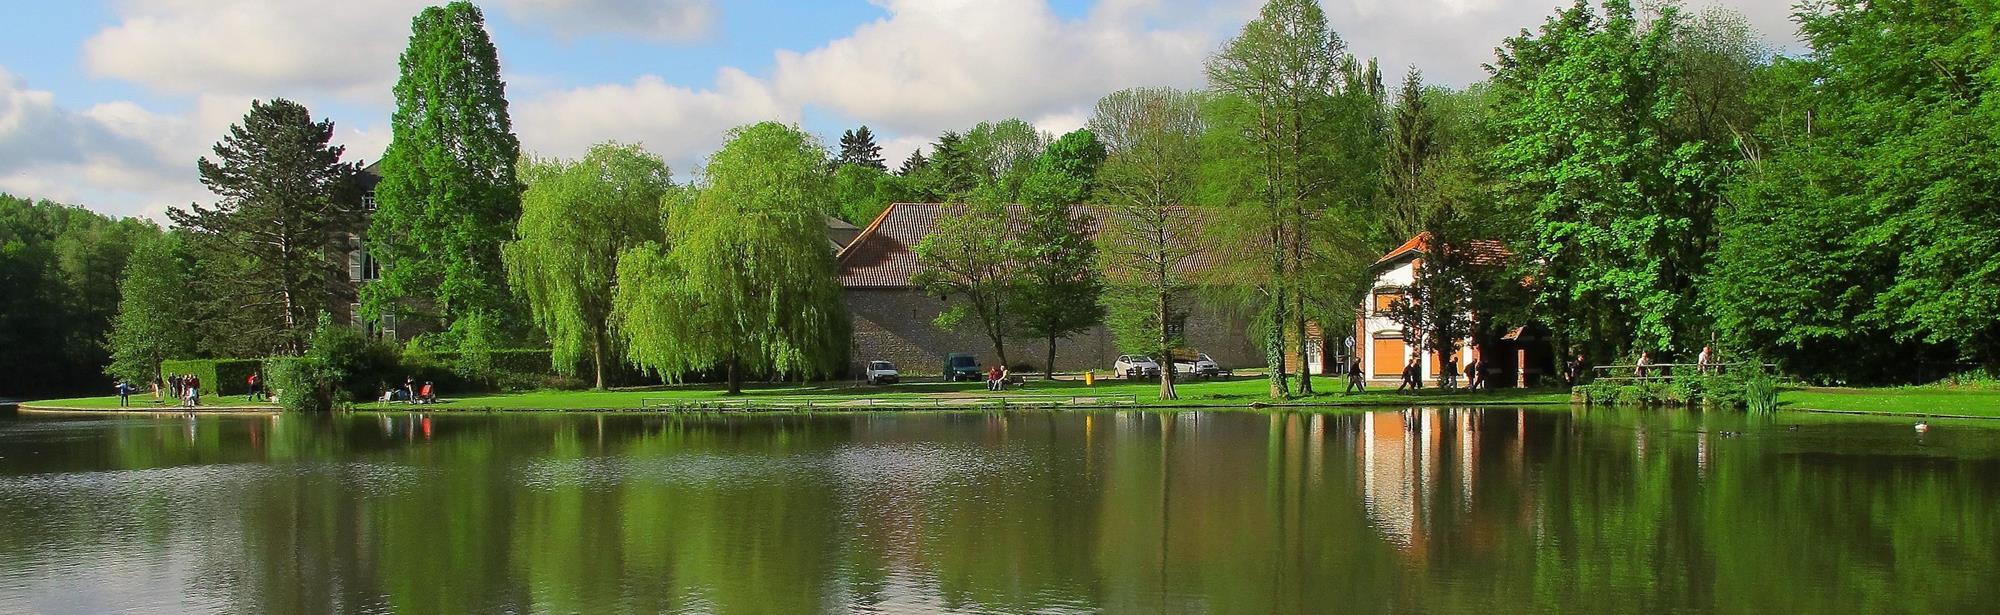 Park Gravenrode